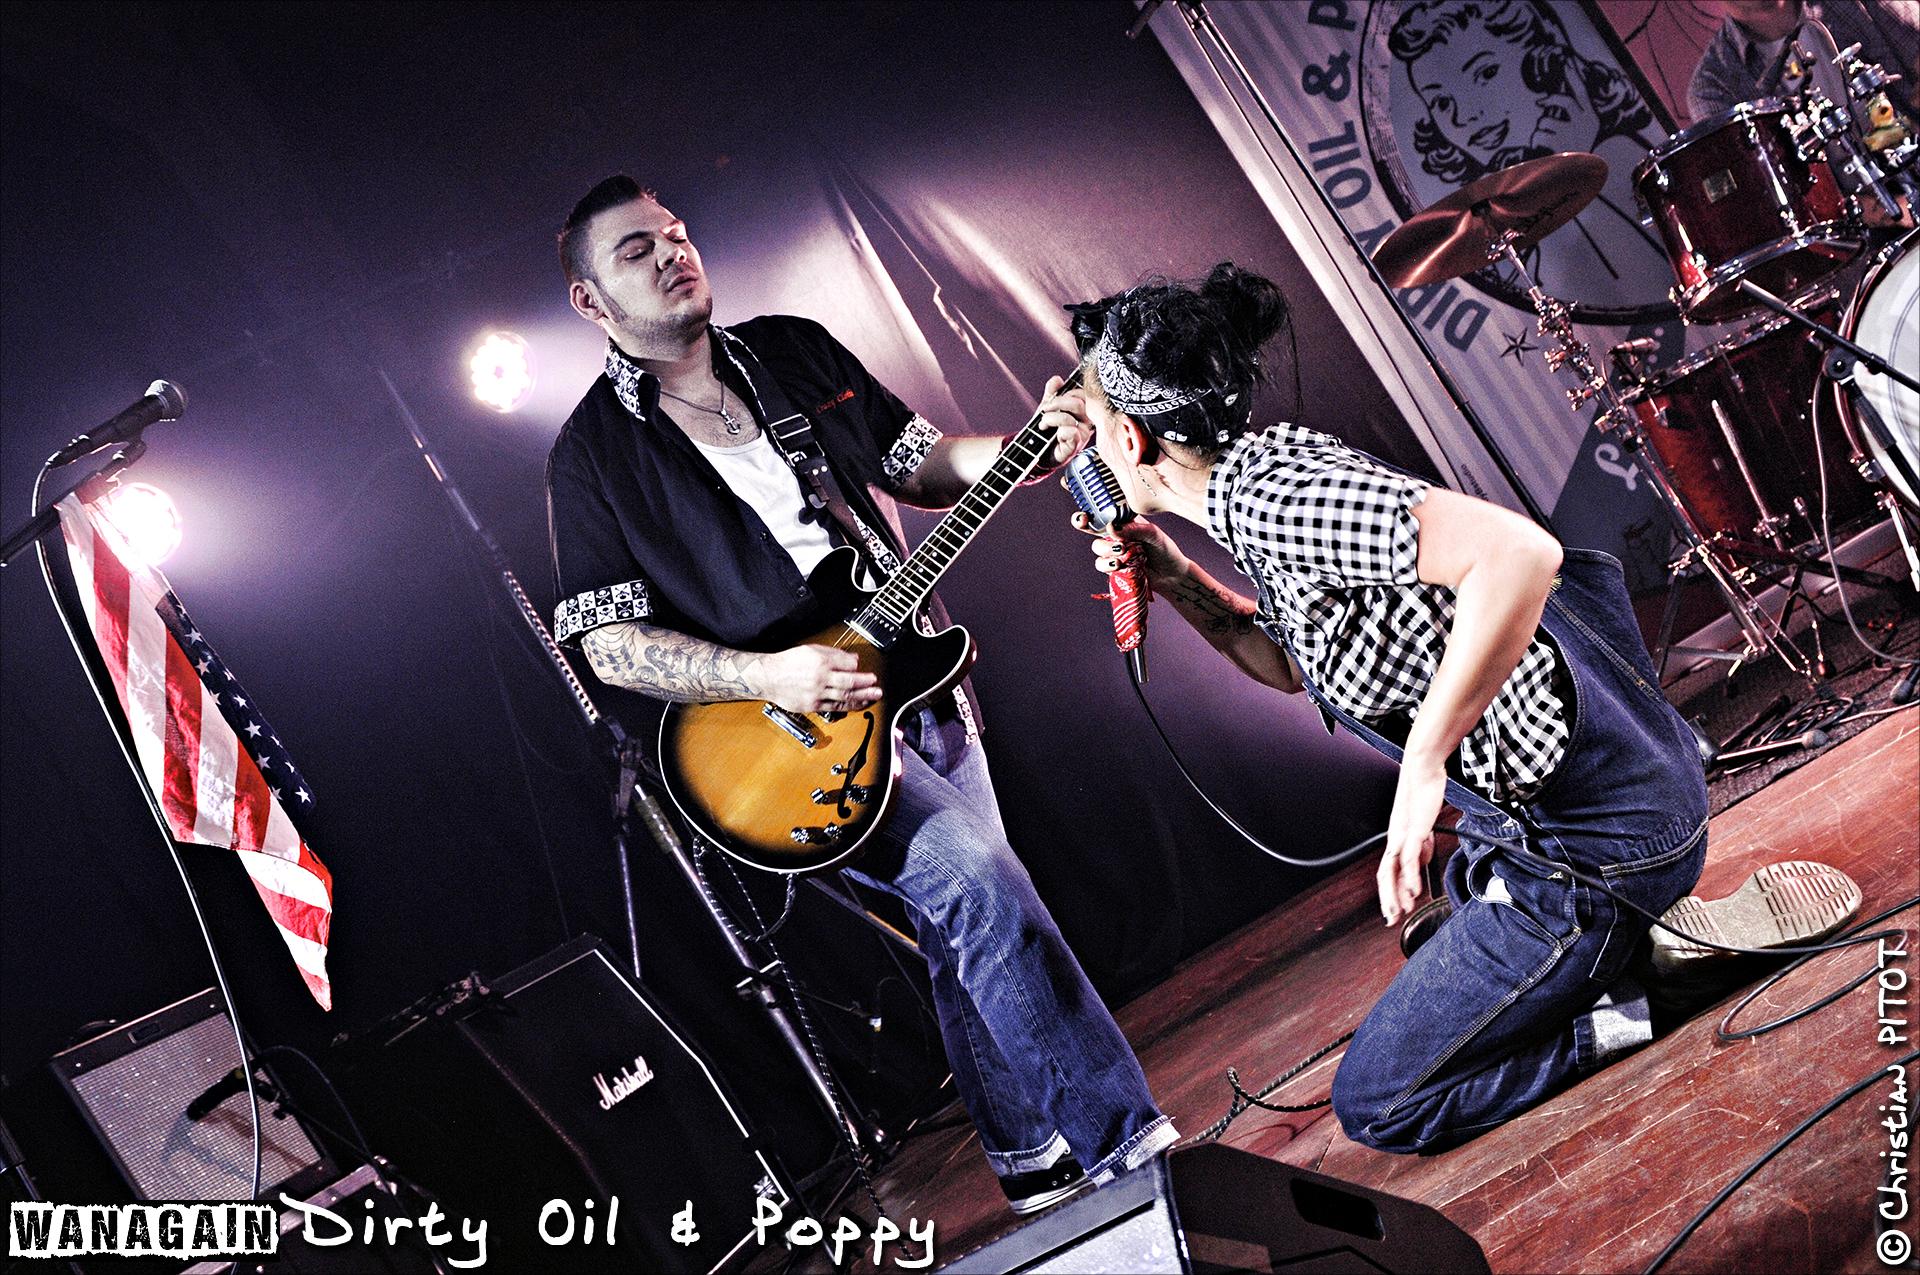 dirty_oil_bd_028